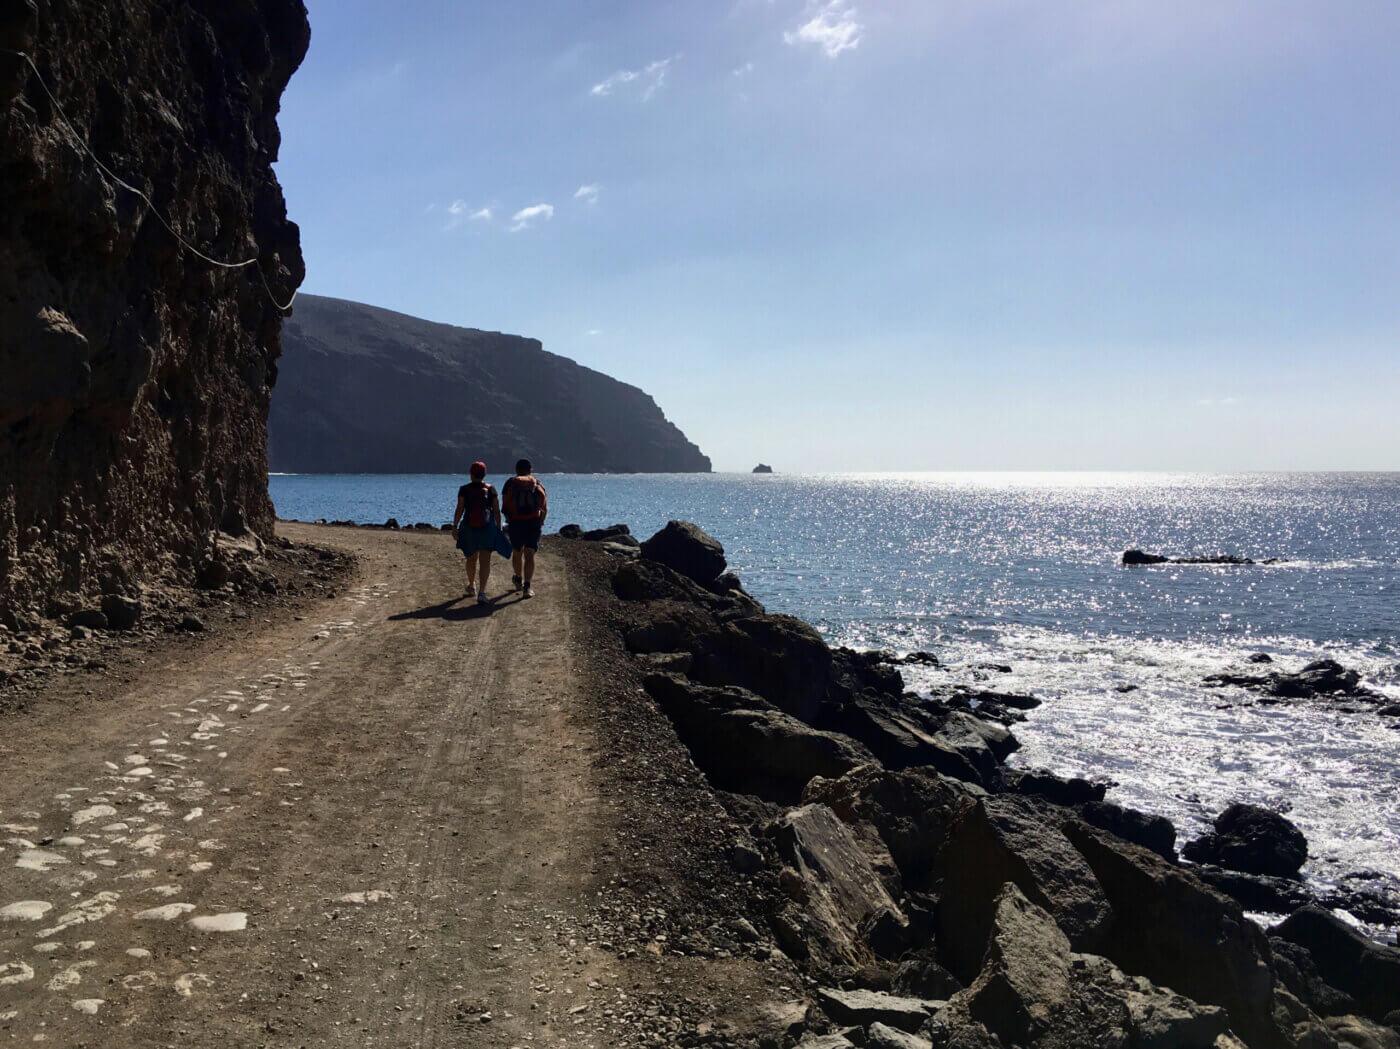 Hiking an der Küste entlang auf La Gomera